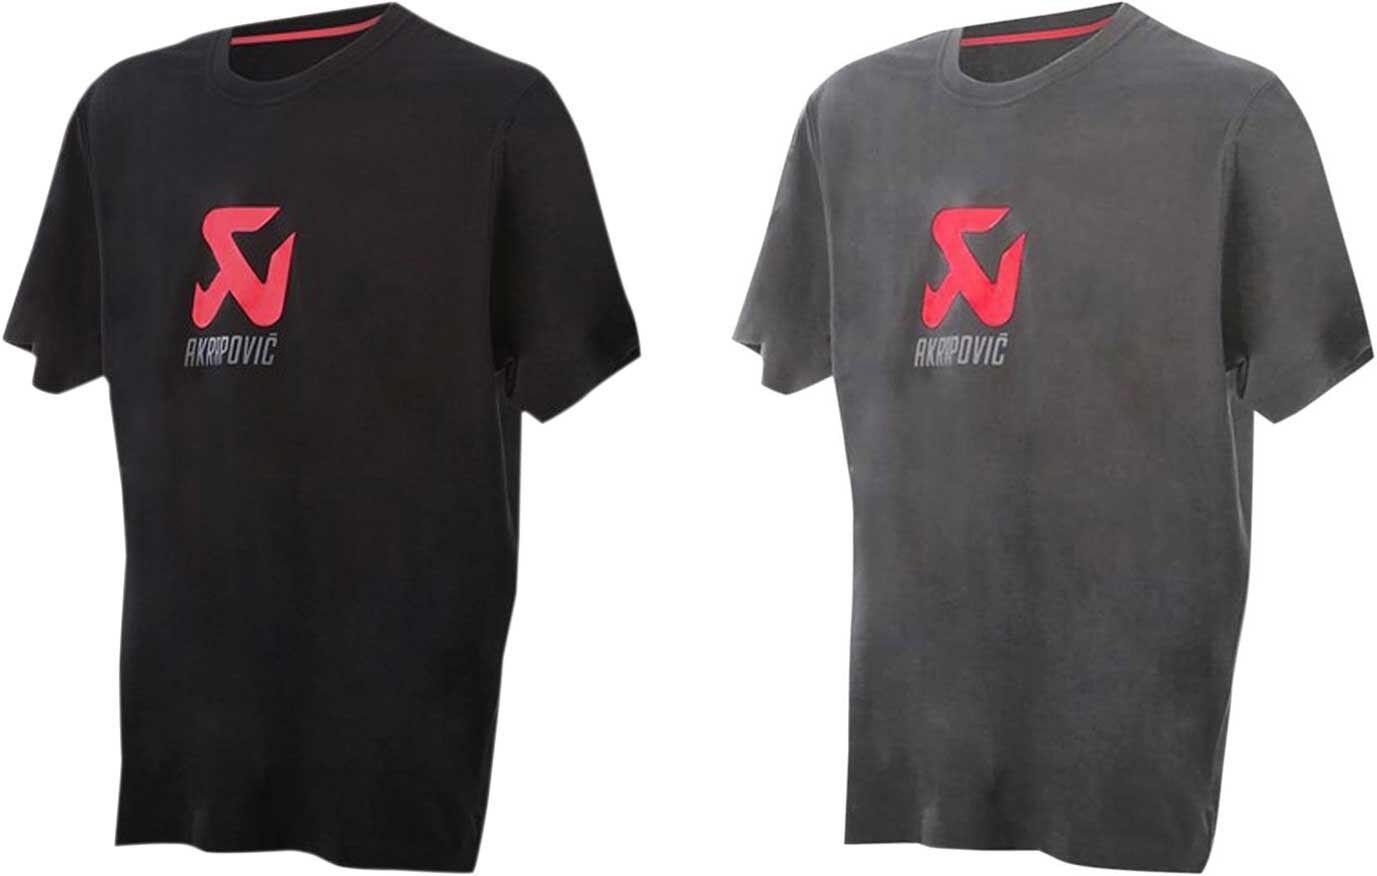 1173482feae2f5 Akrapovic T-Shirt - Tee Logo Mens otmqfe22660-T-Shirts